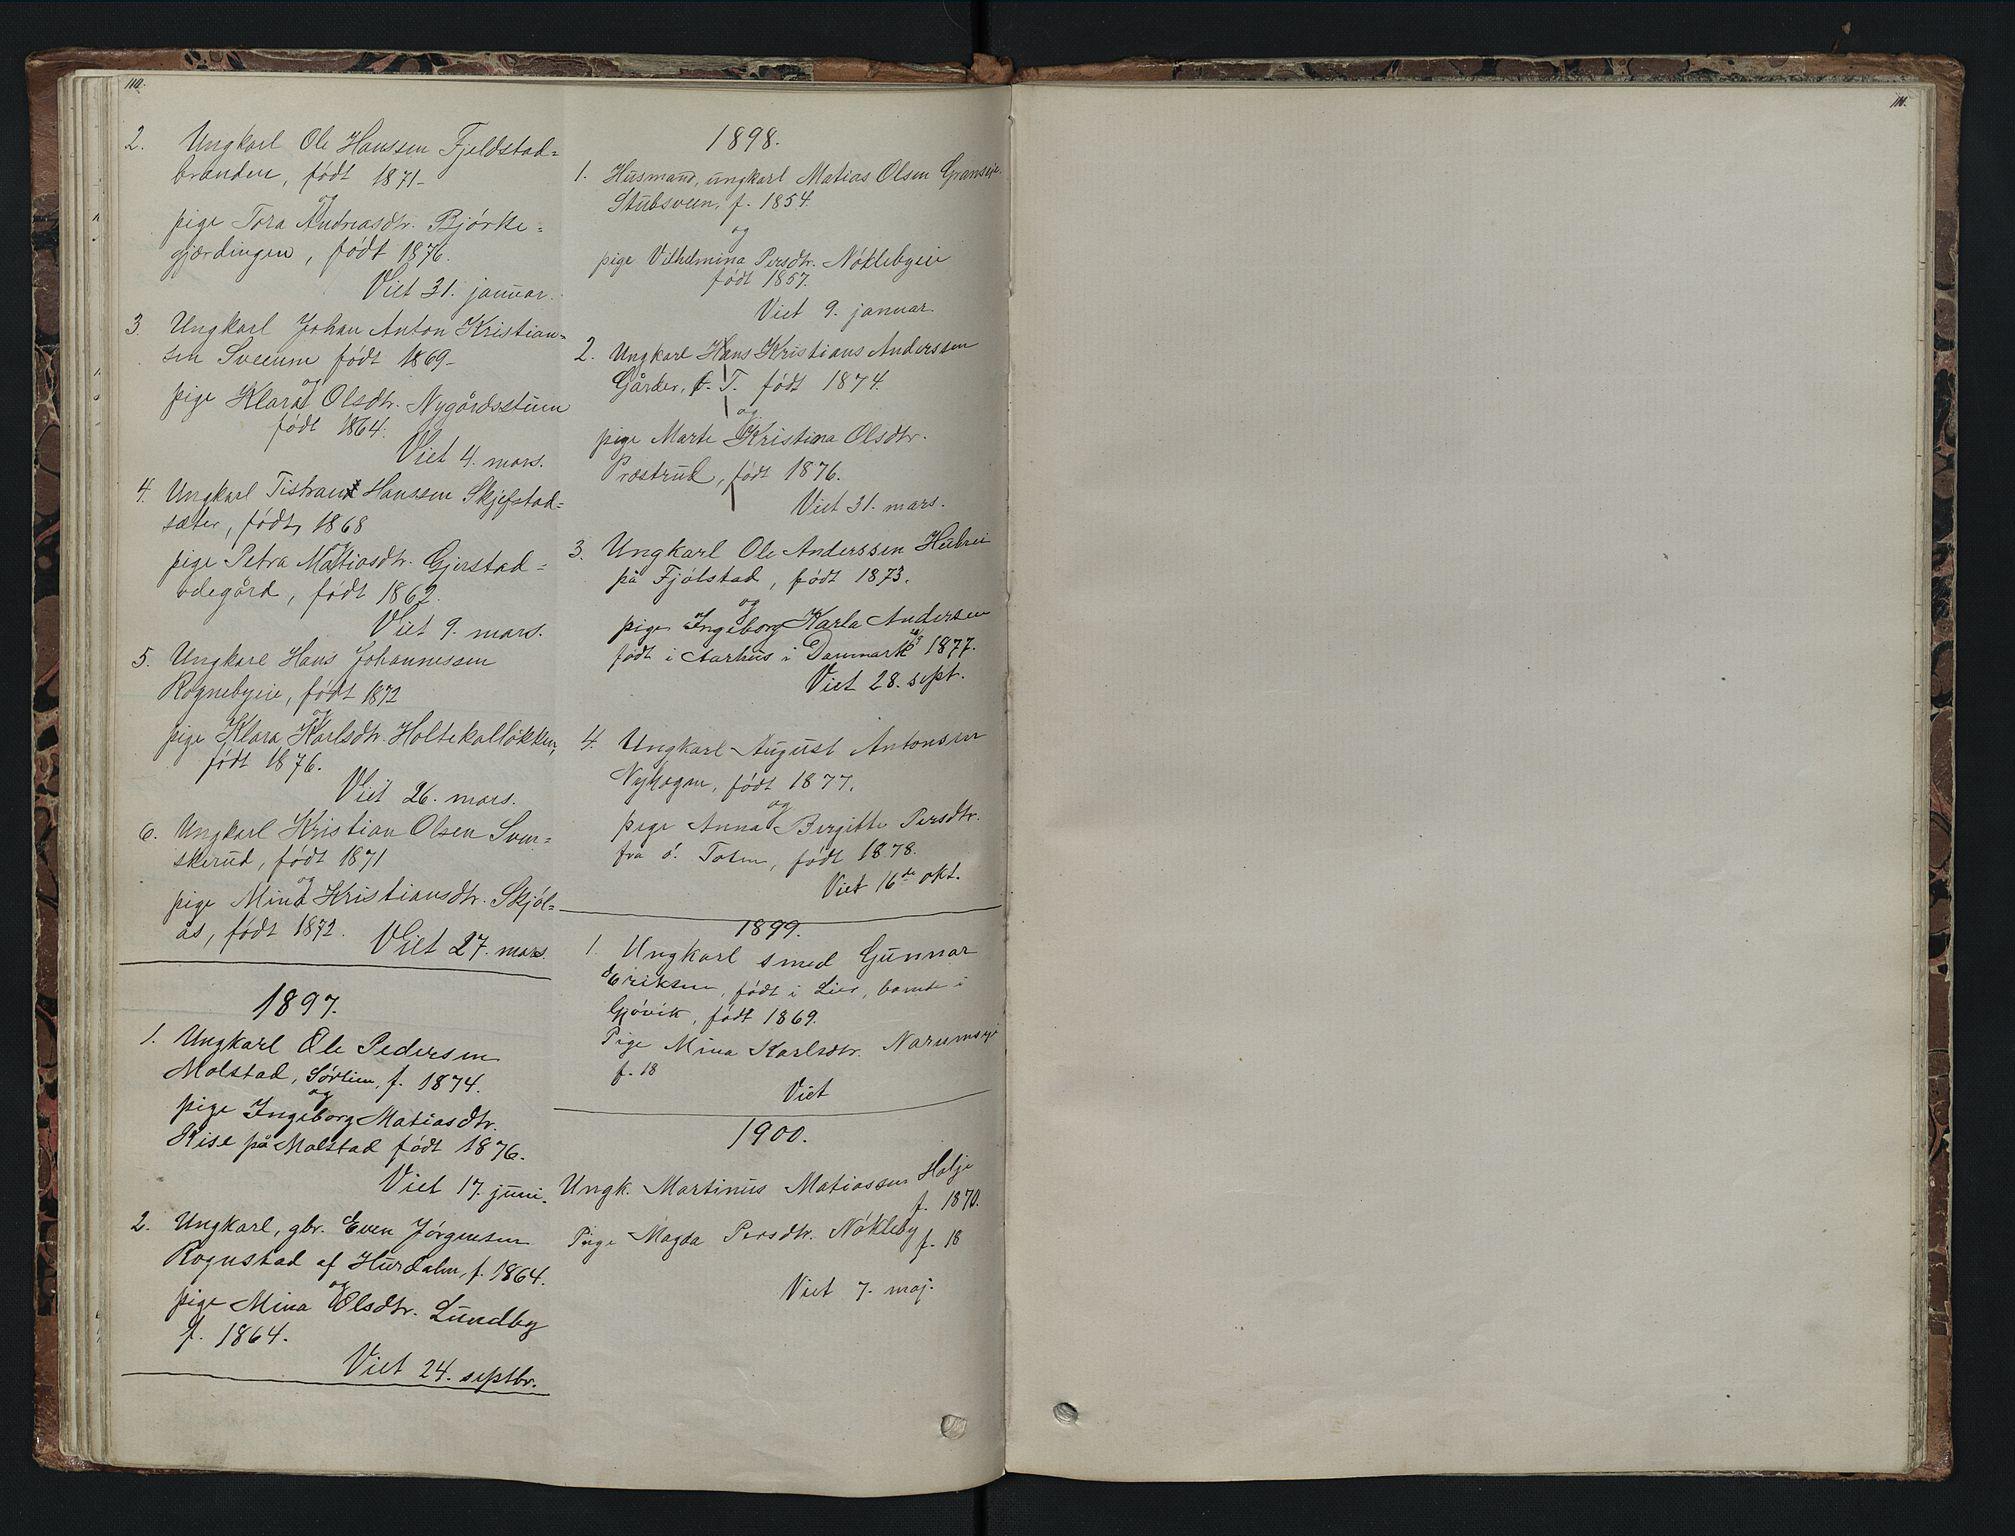 SAH, Vestre Toten prestekontor, Klokkerbok nr. 7, 1872-1900, s. 110-111